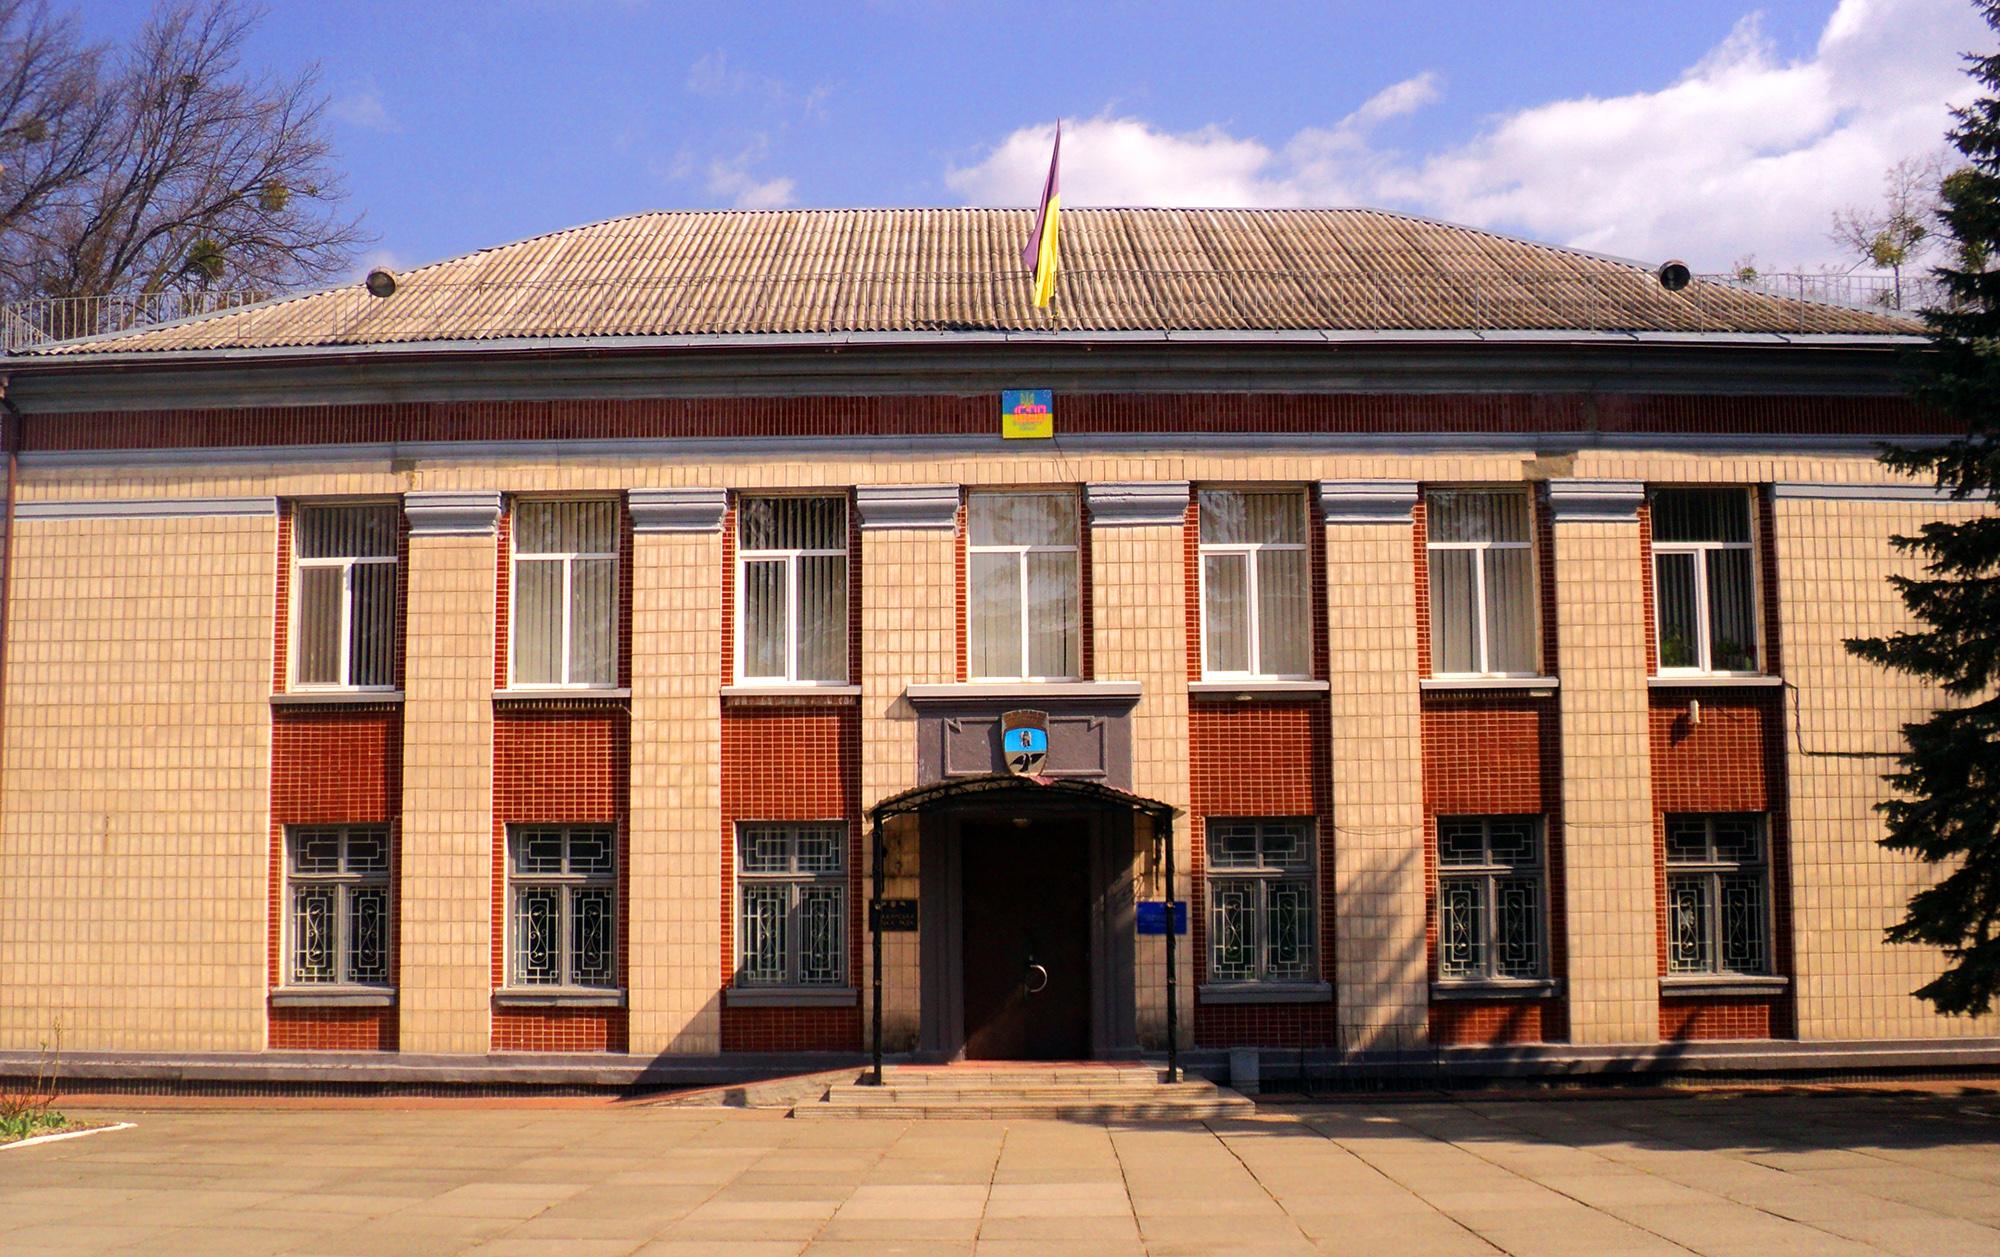 Таращанська міська рада, Таращанський район, Київська область